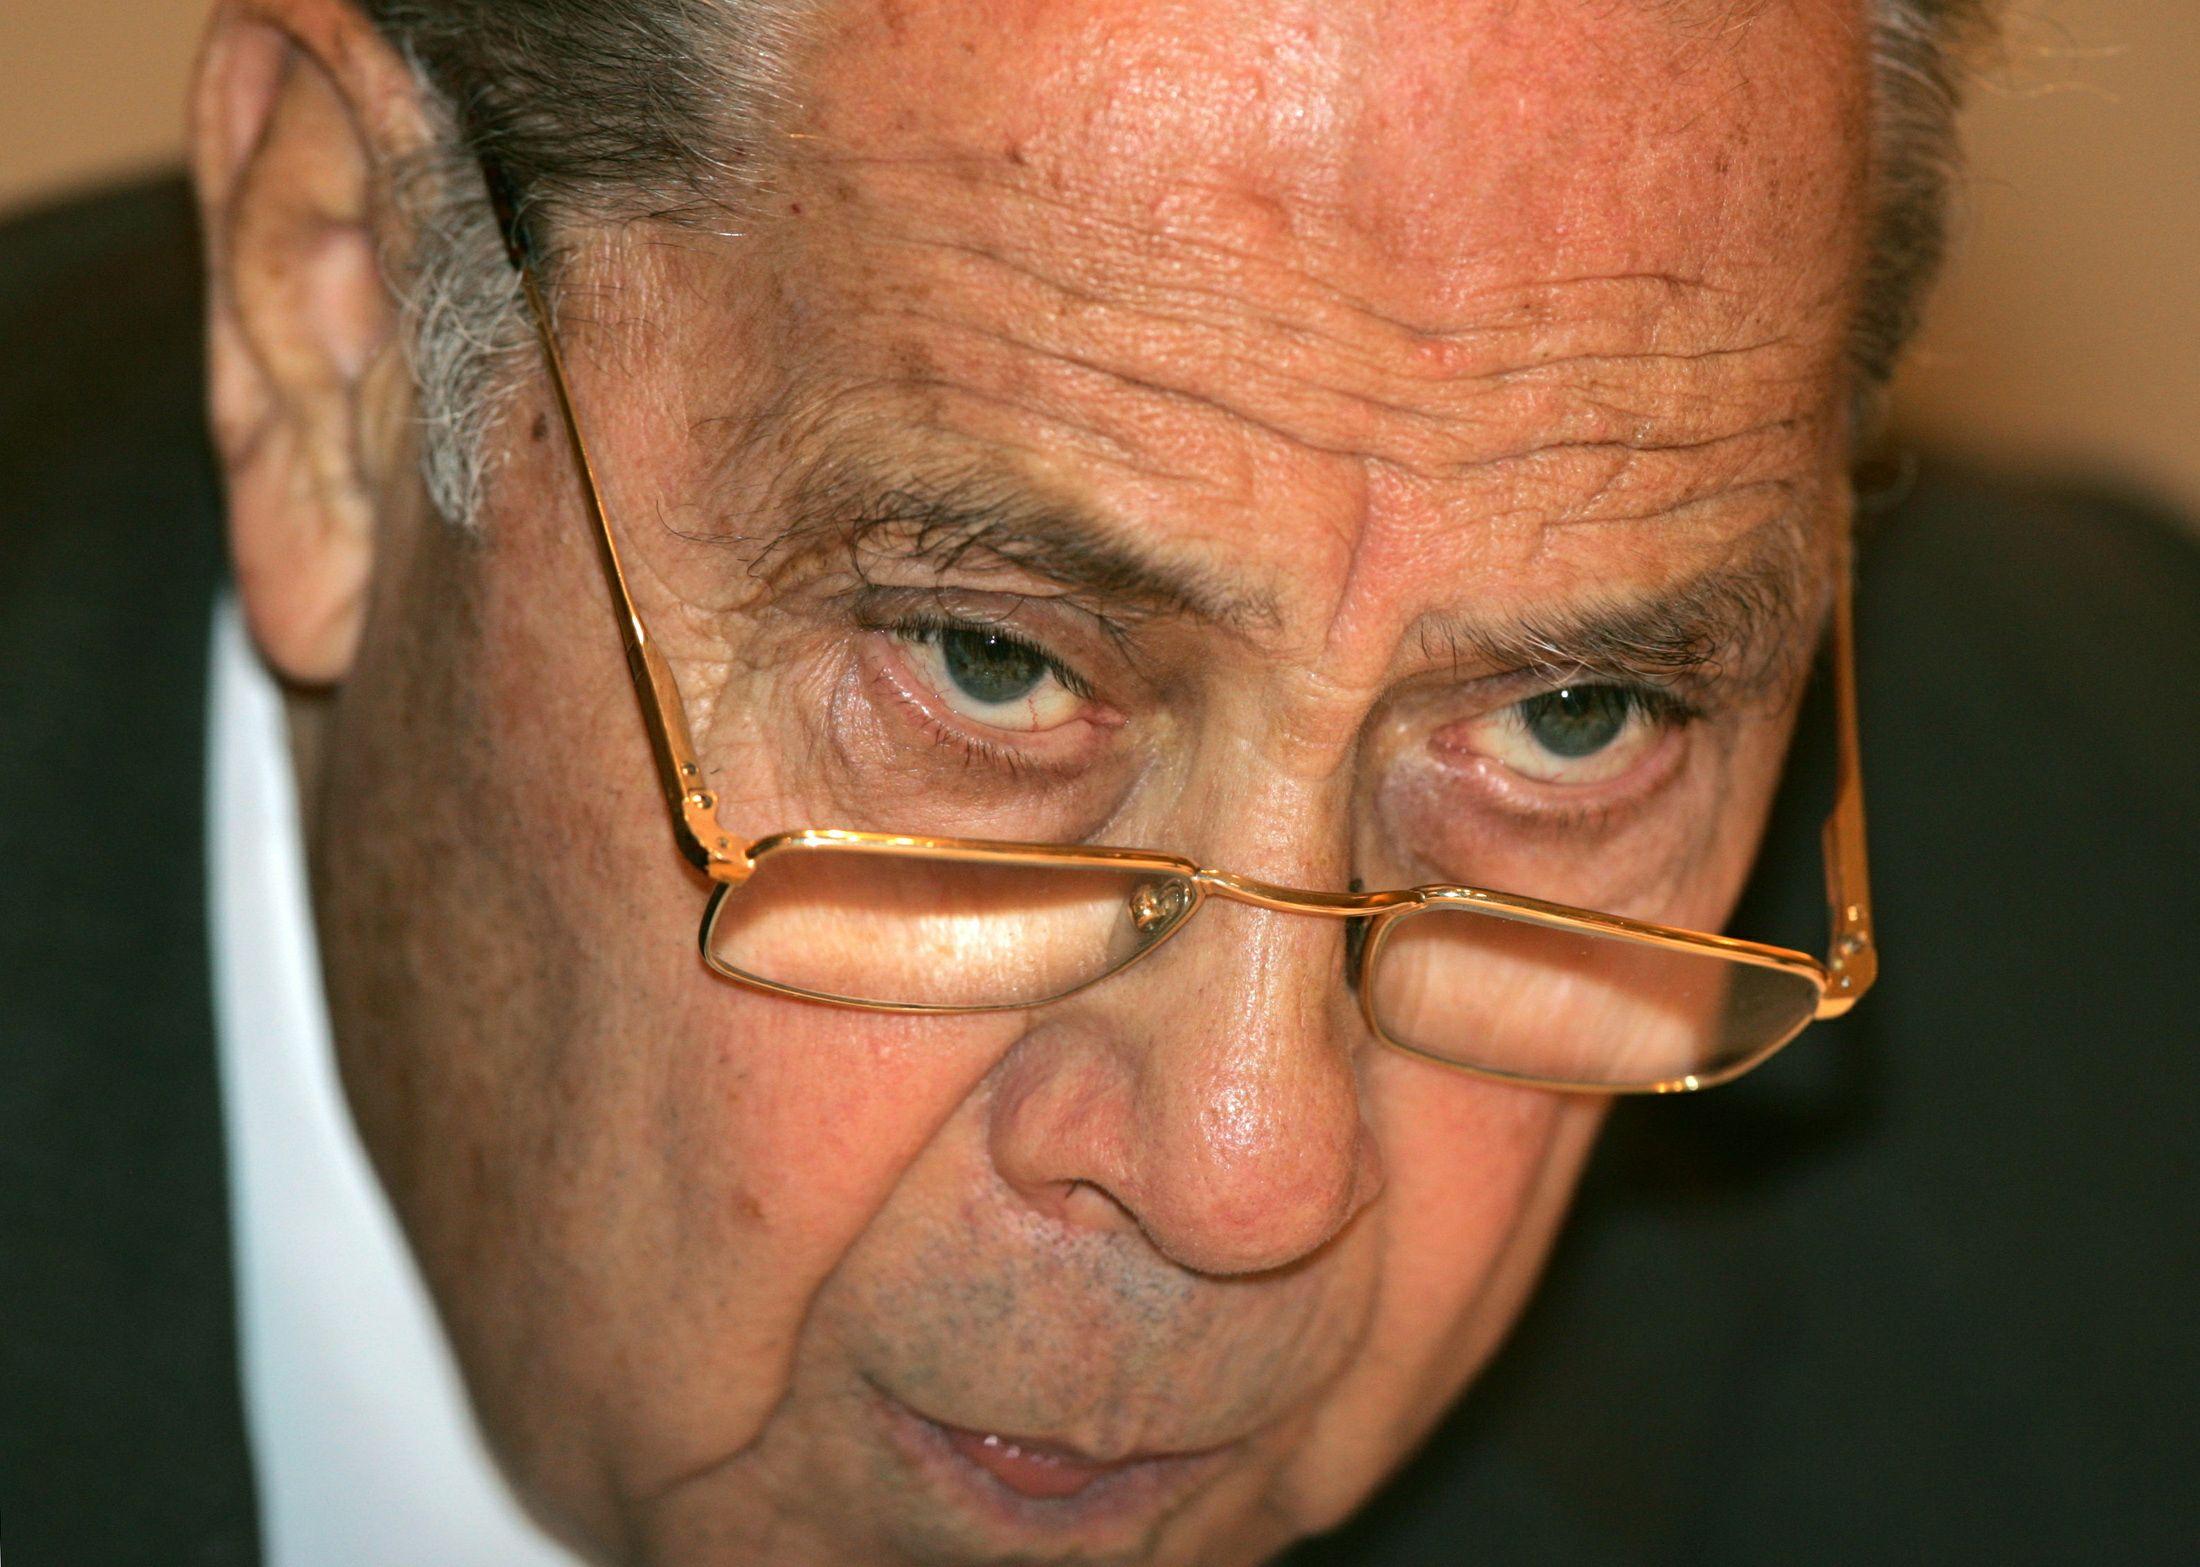 """Non, Sarkozy n'a pas été élu maire de Neuilly en profitant de l'hospitalisation de Charles Pasqua : """"Nicolas a su saisir cette opportunité inattendue. Je n'avais pas une envie torride d'y aller"""""""